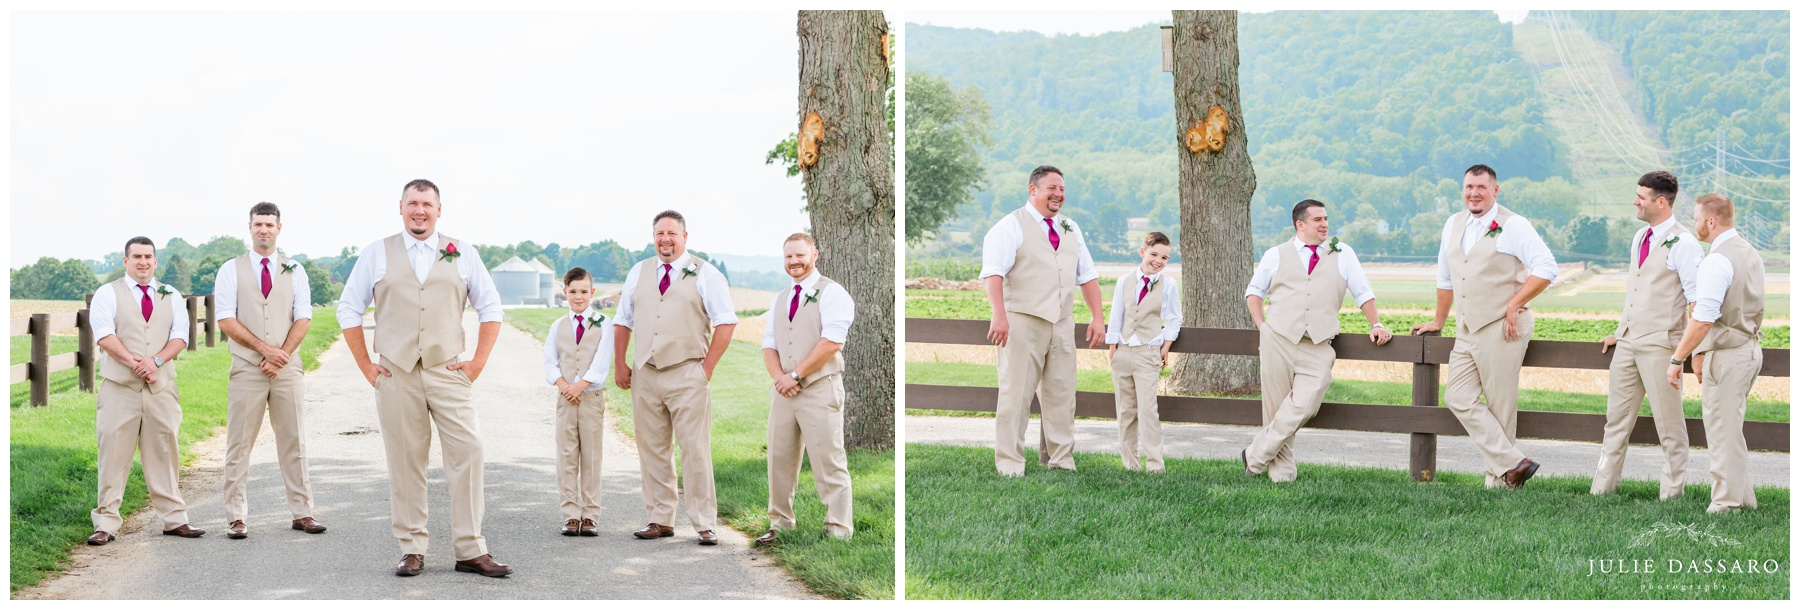 groomsmen in casual beige suits cranberry ties